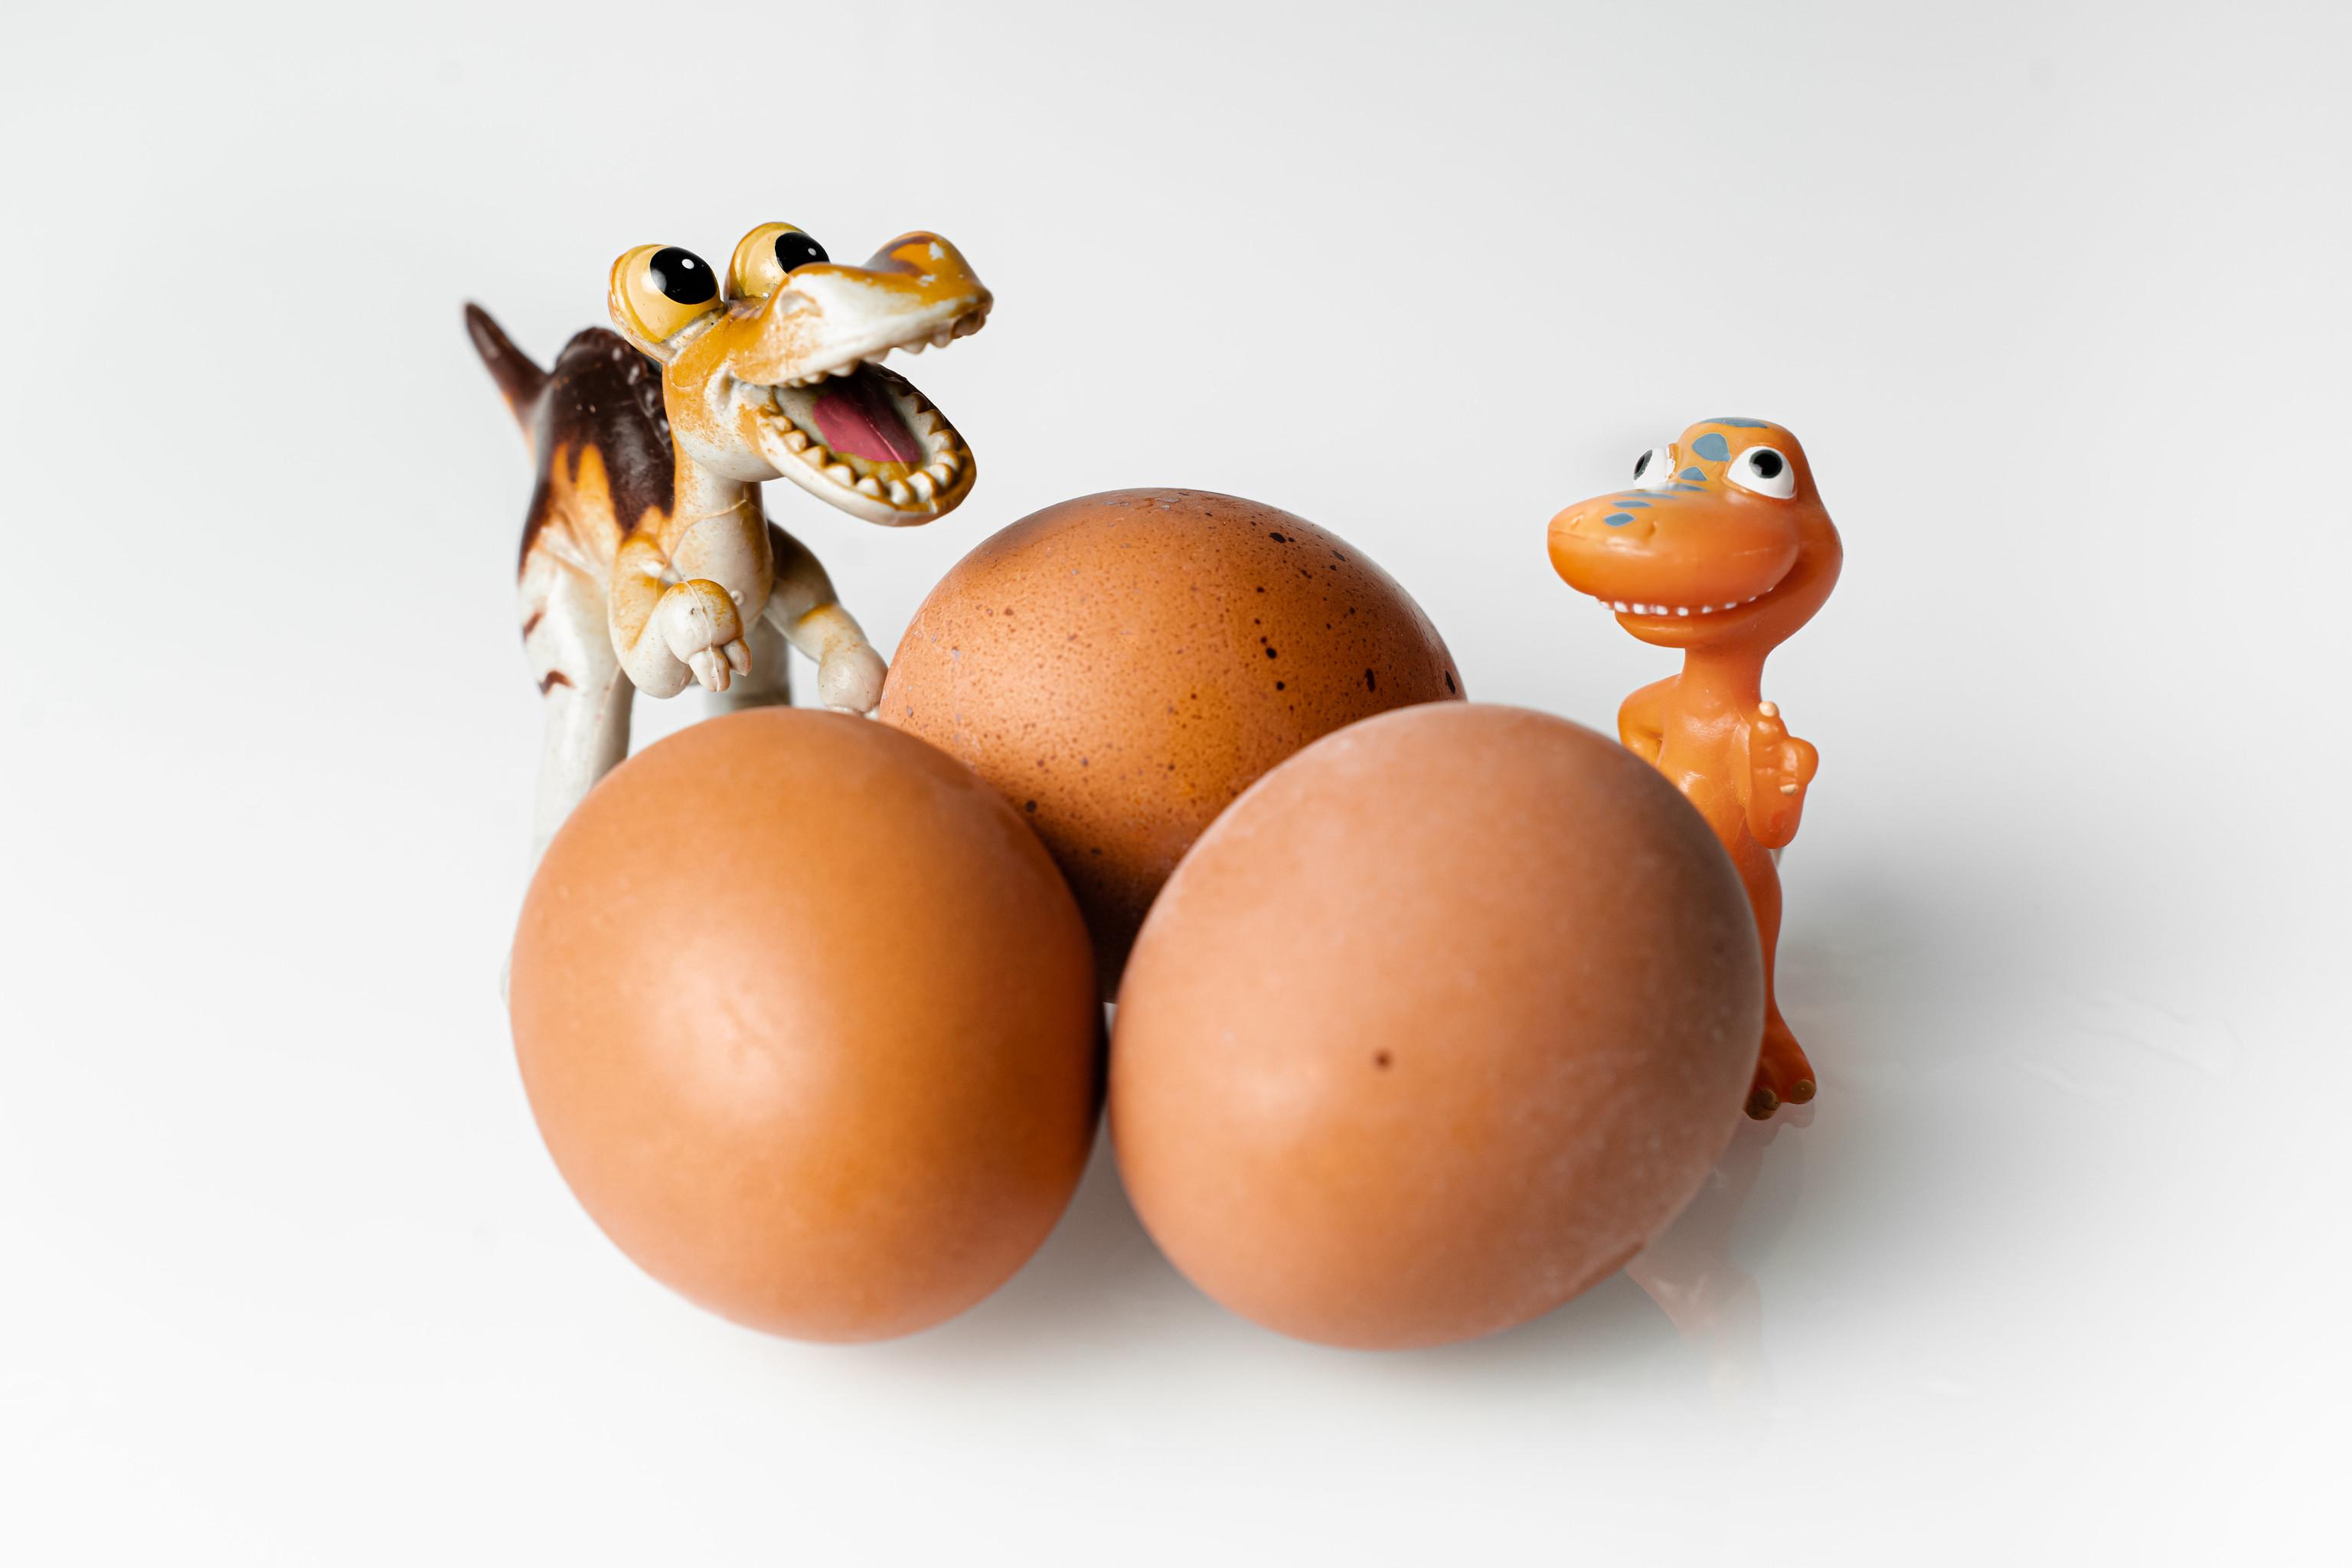 huevos y lacteos para la alimentación de los bebes